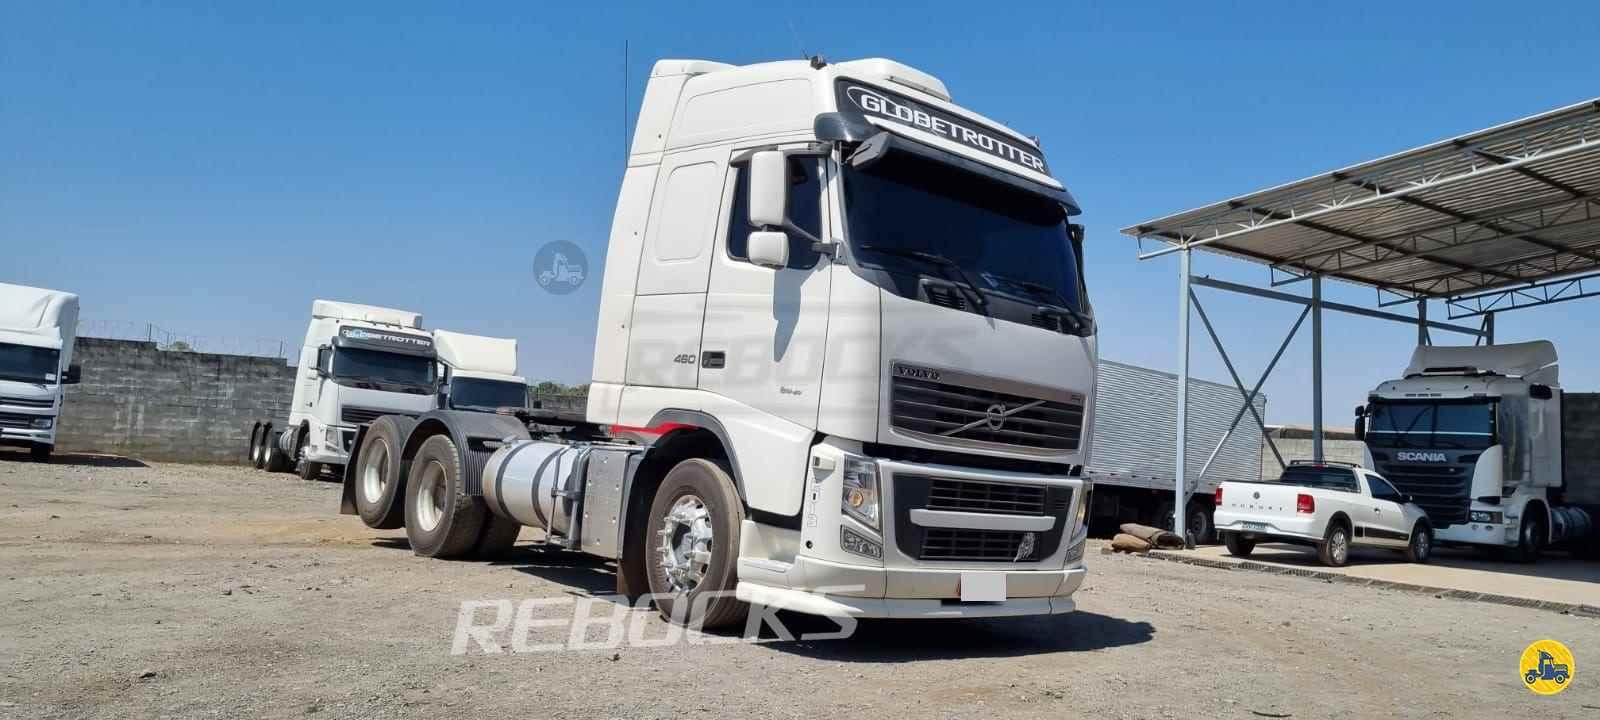 CAMINHAO VOLVO VOLVO FH 460 Cavalo Mecânico Truck 6x2 Rebocks LIMEIRA SÃO PAULO SP